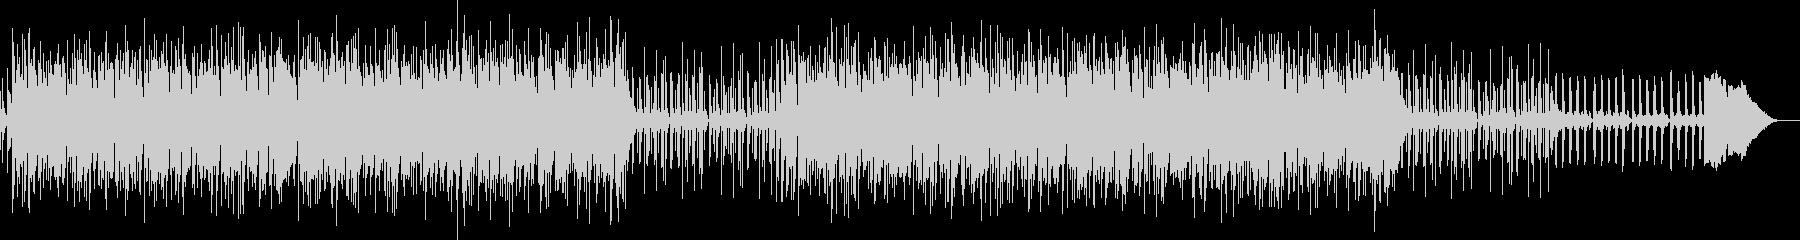 サックスフレーズのジャズボサノバ風BGMの未再生の波形